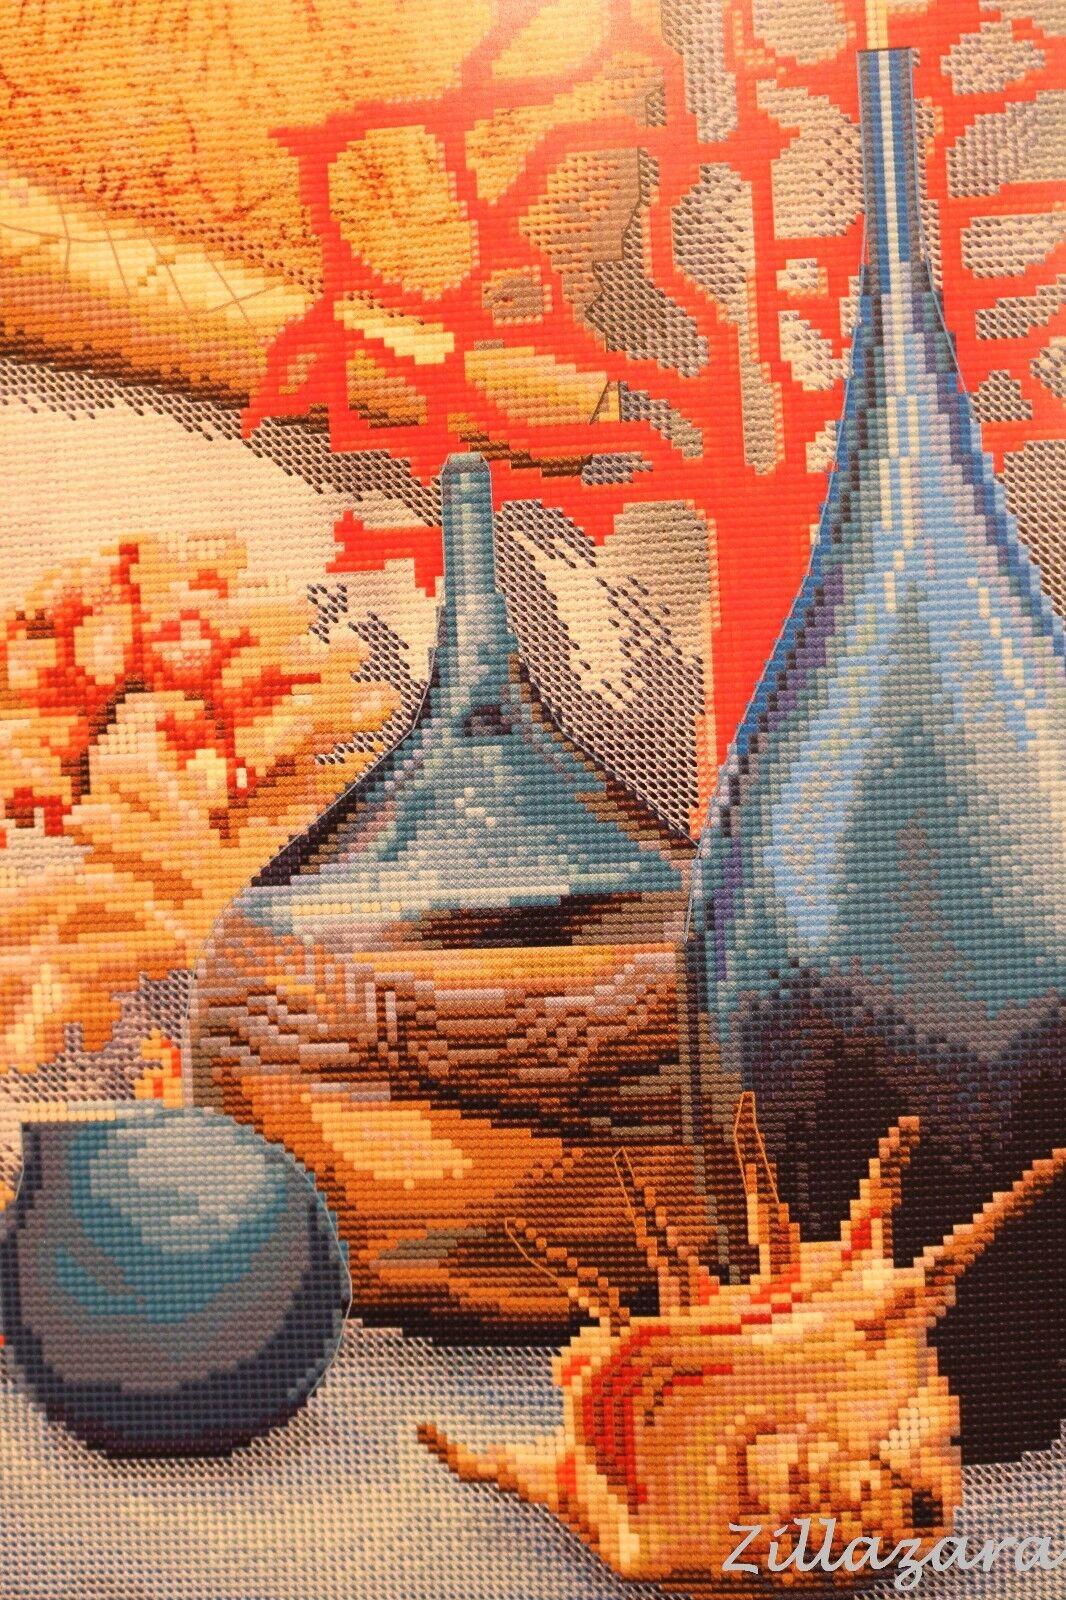 Stillleben Kreuzstichpackung Stickbild Kreuzstich Bild sticken Garn+Perlen 392